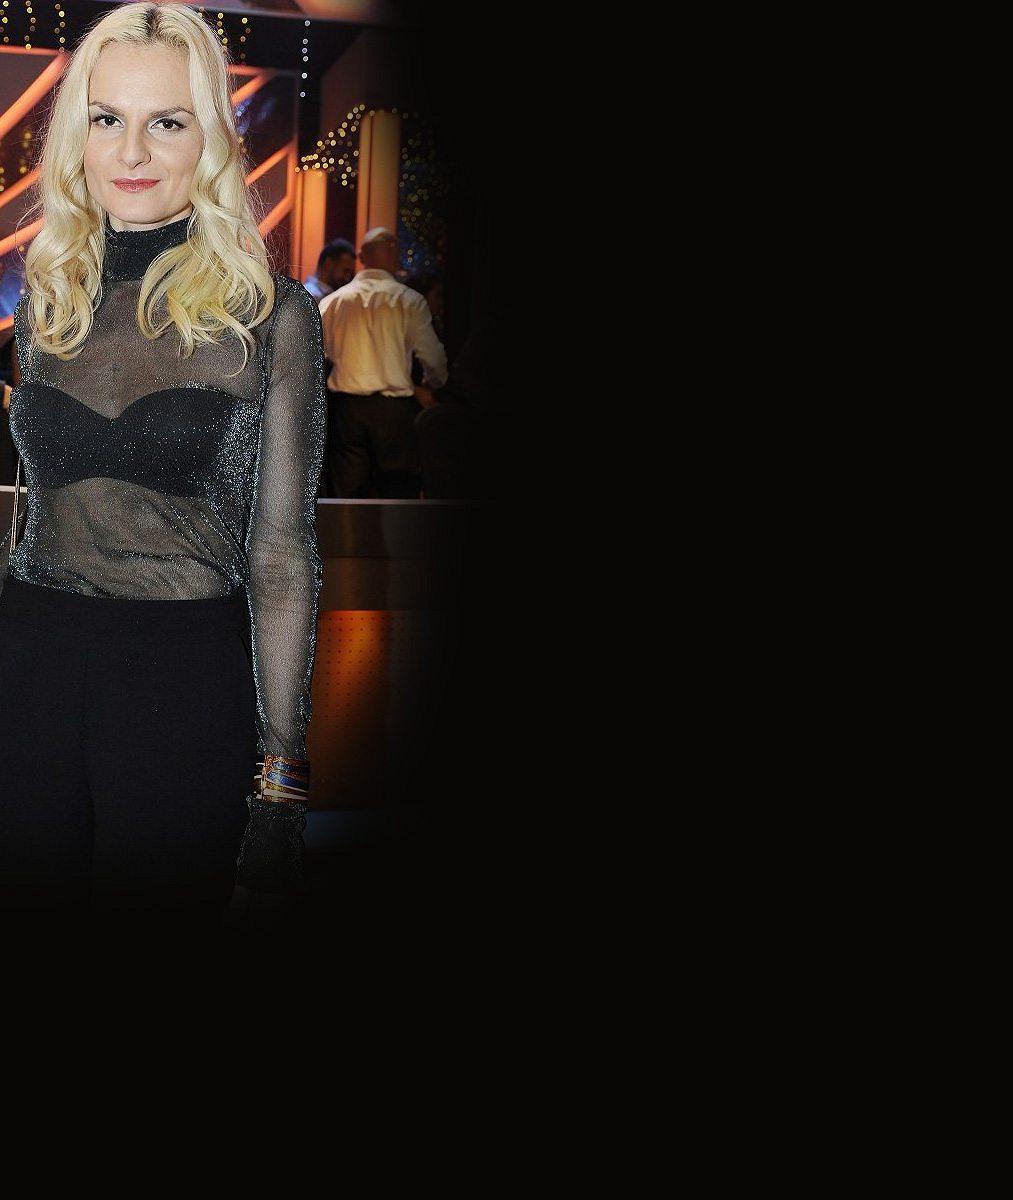 Blbá blondýna jako Lady Gaga: Mrkněte, jak dokonale se do slavné zpěvačky převtělila Iva Pazderková